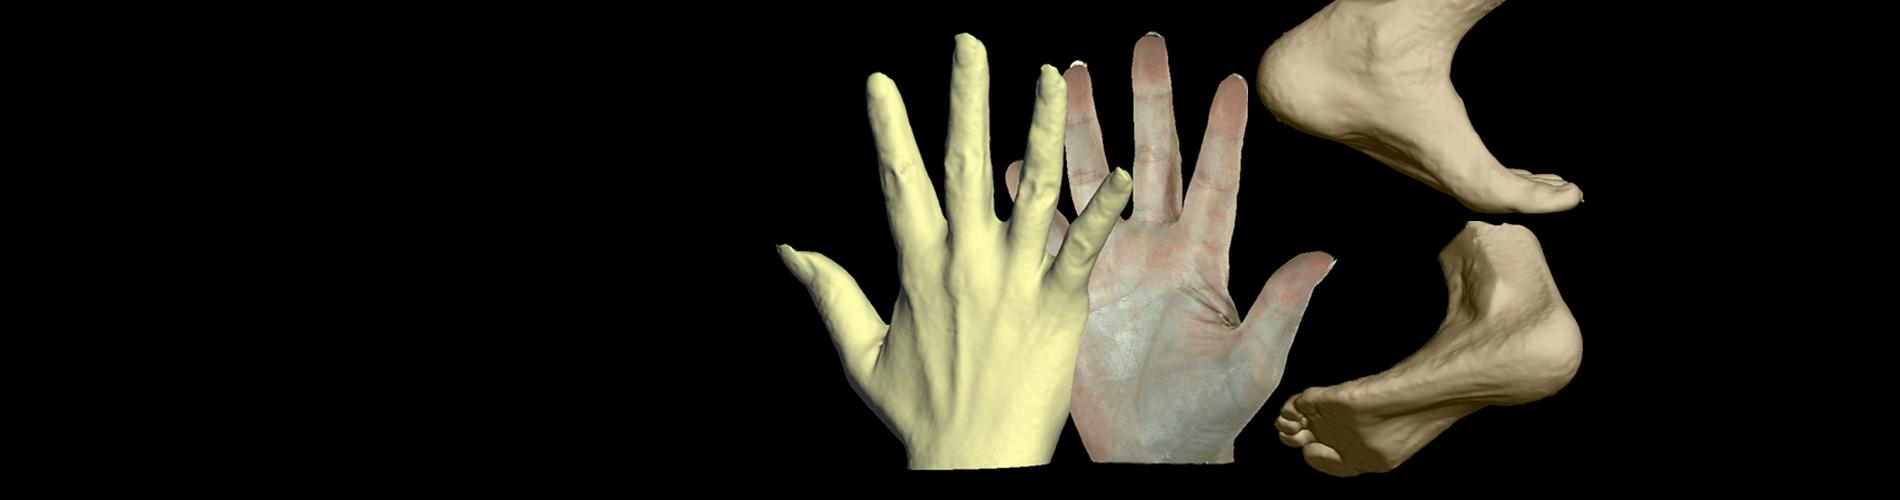 3dMDhand_foot-HPFv2